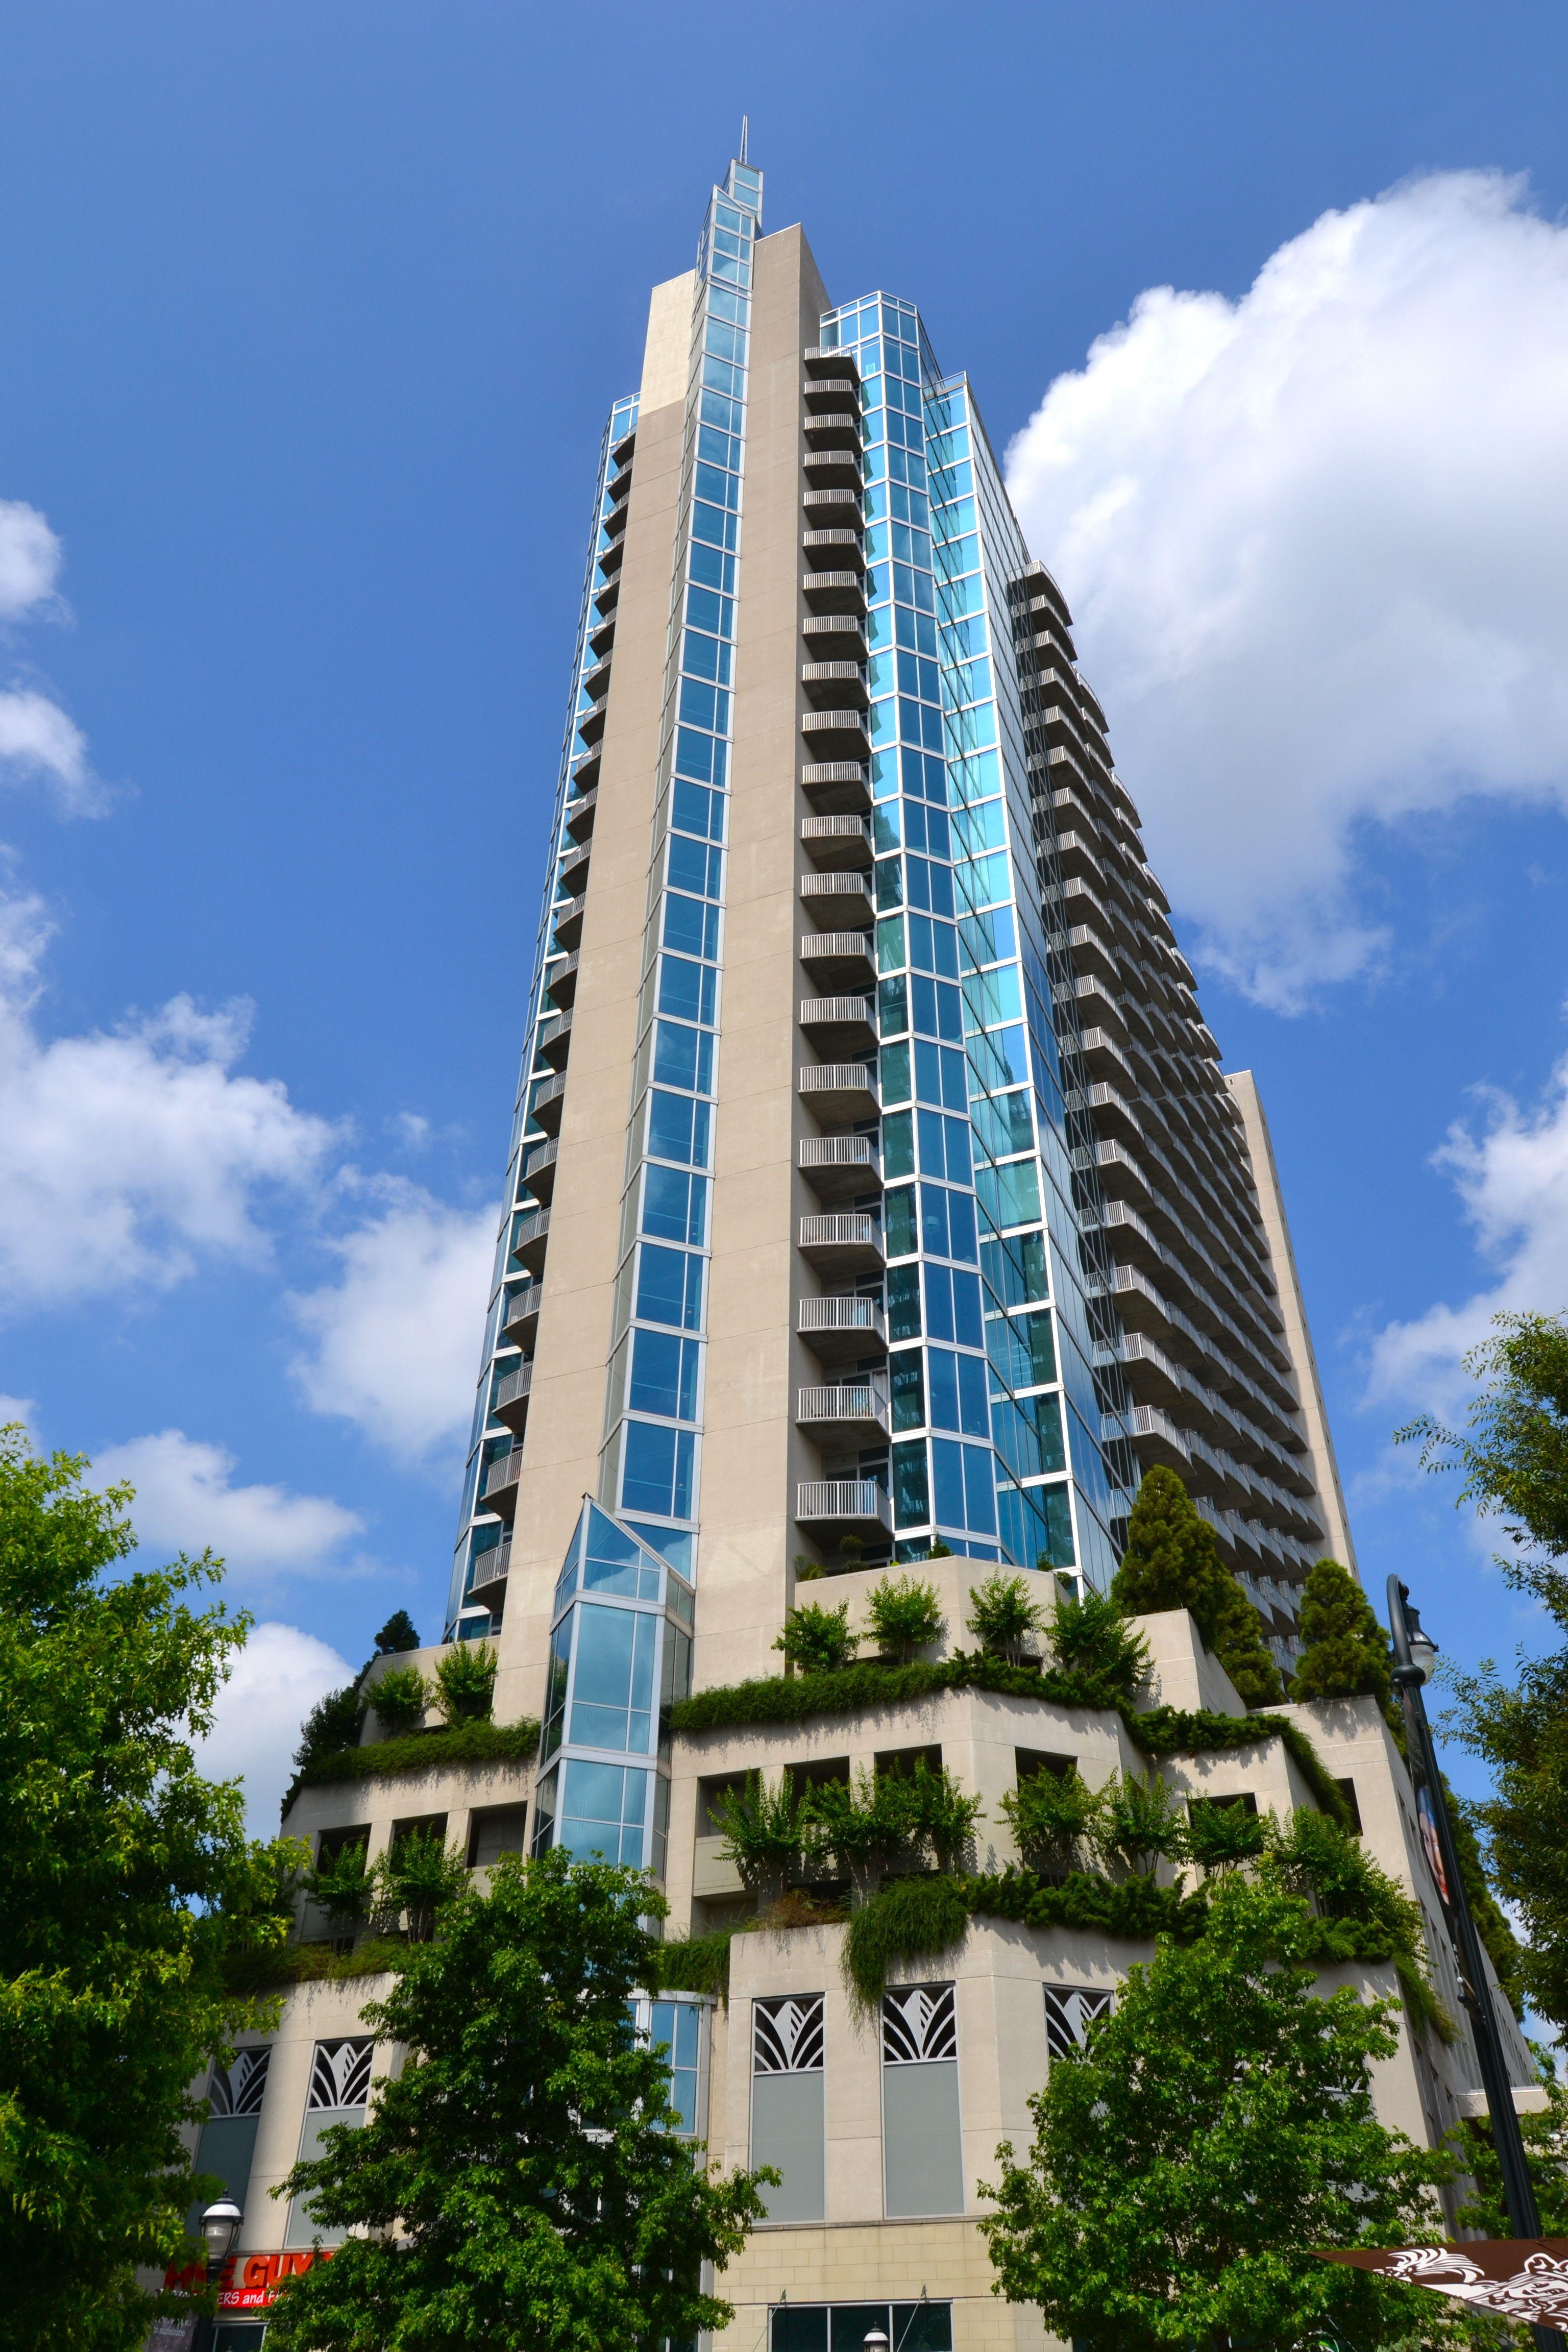 Midtown An Atlanta Intown Neighborhood Condo Design Midtown High Rise Building